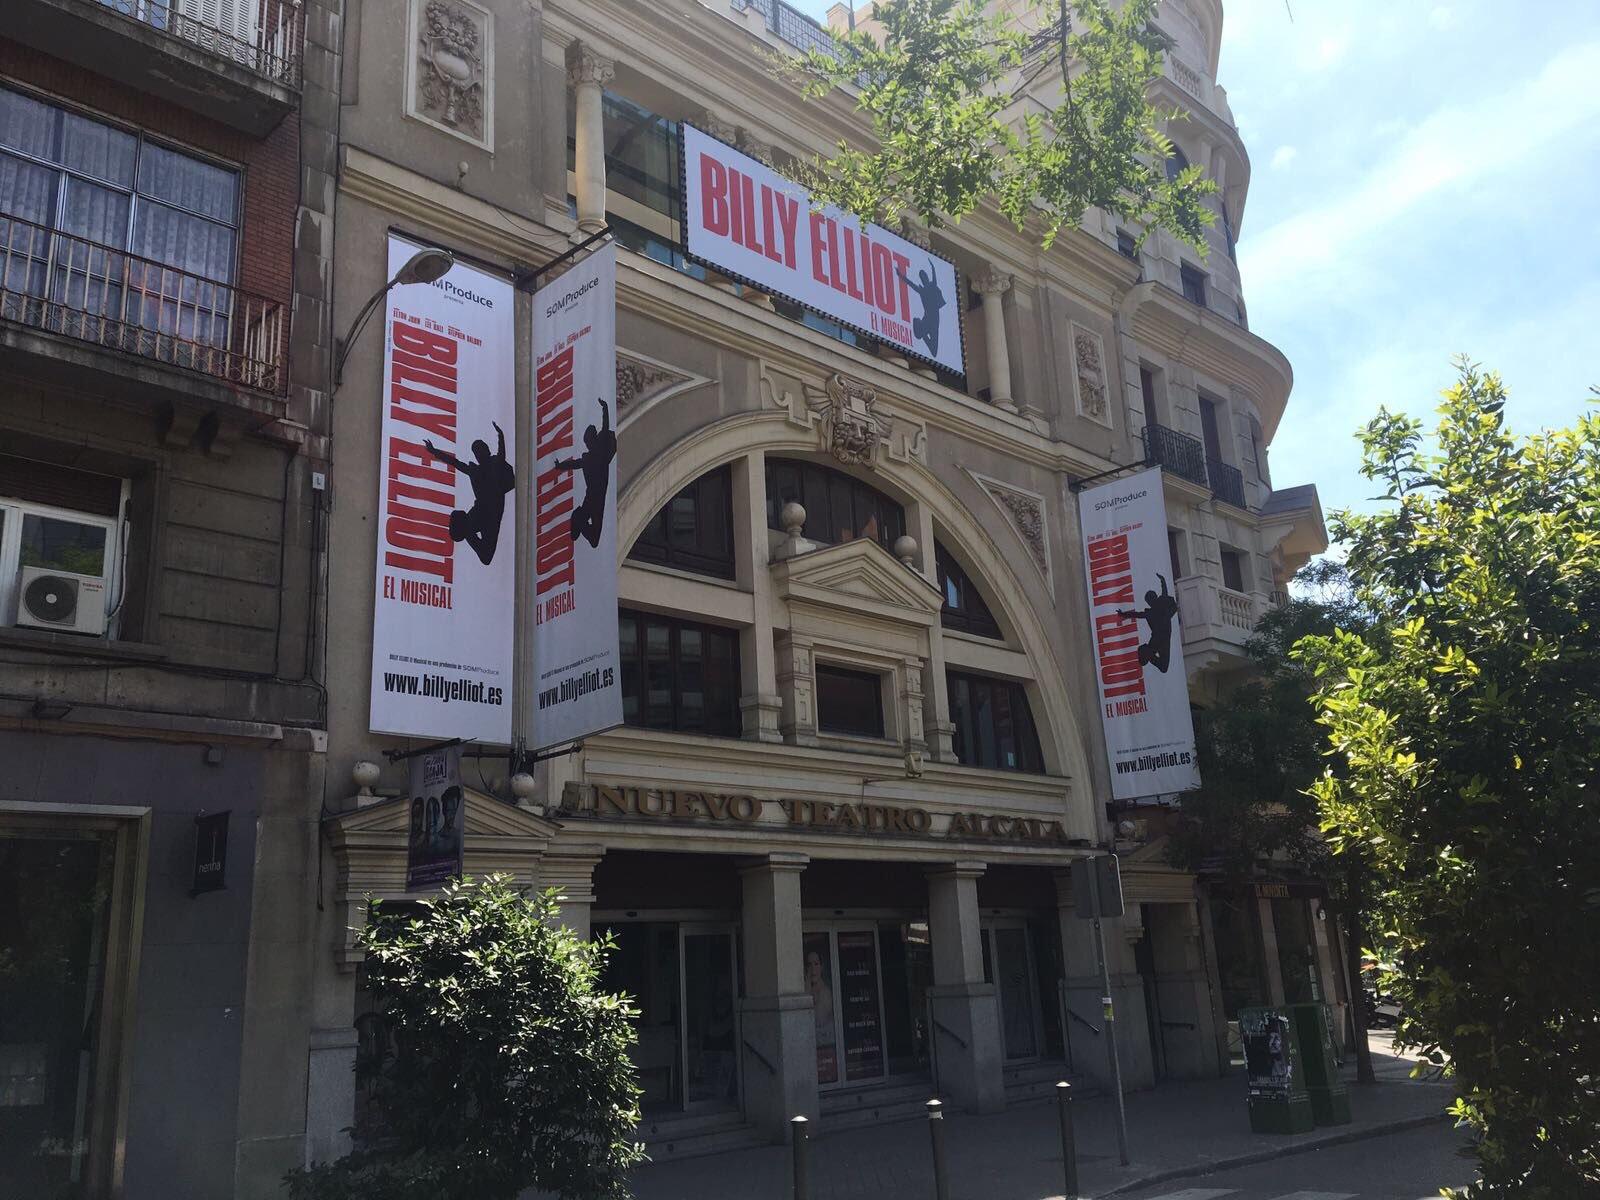 Meet Billy Elliot: Madrid, Spain - BETM